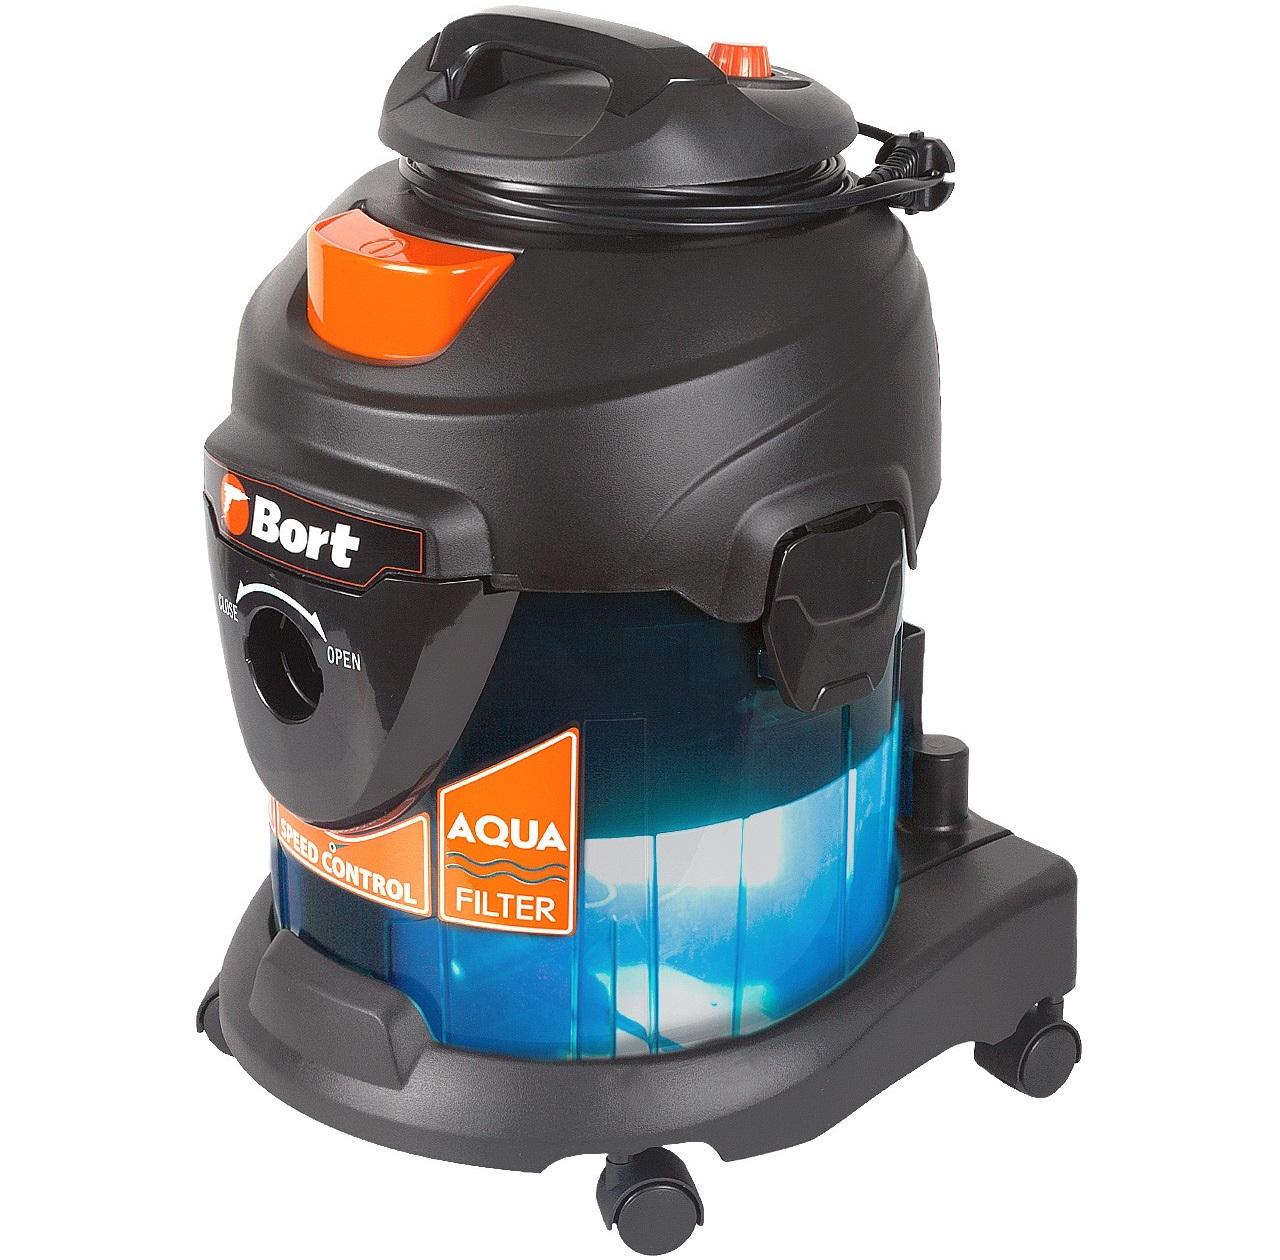 Пылесос промышленный Bort BSS-1415 Aqua